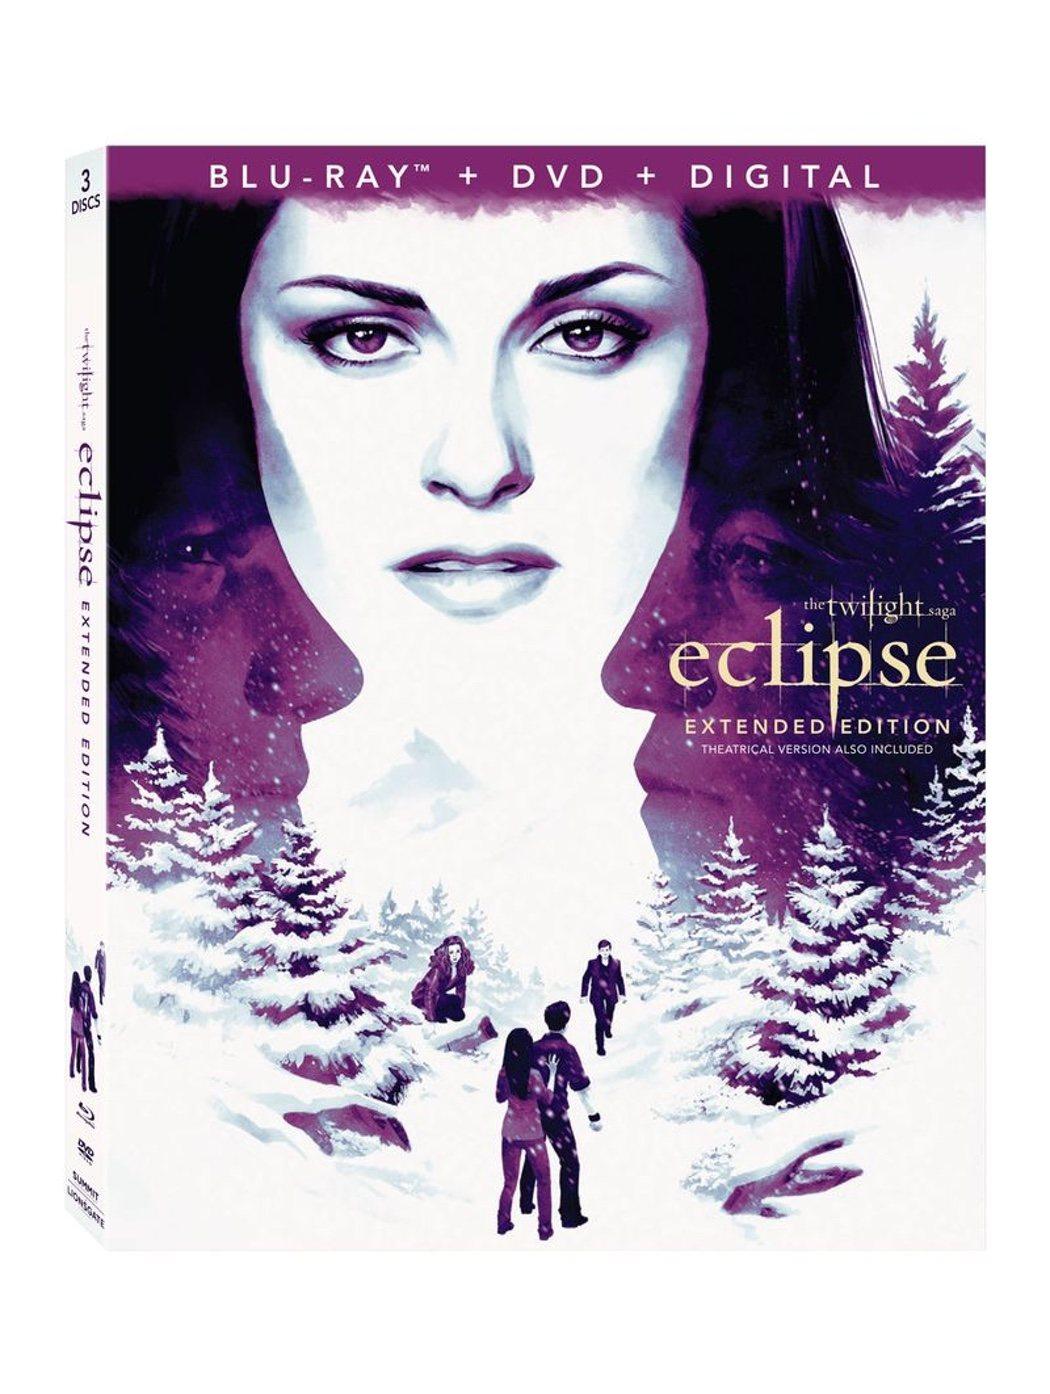 'Eclipse'